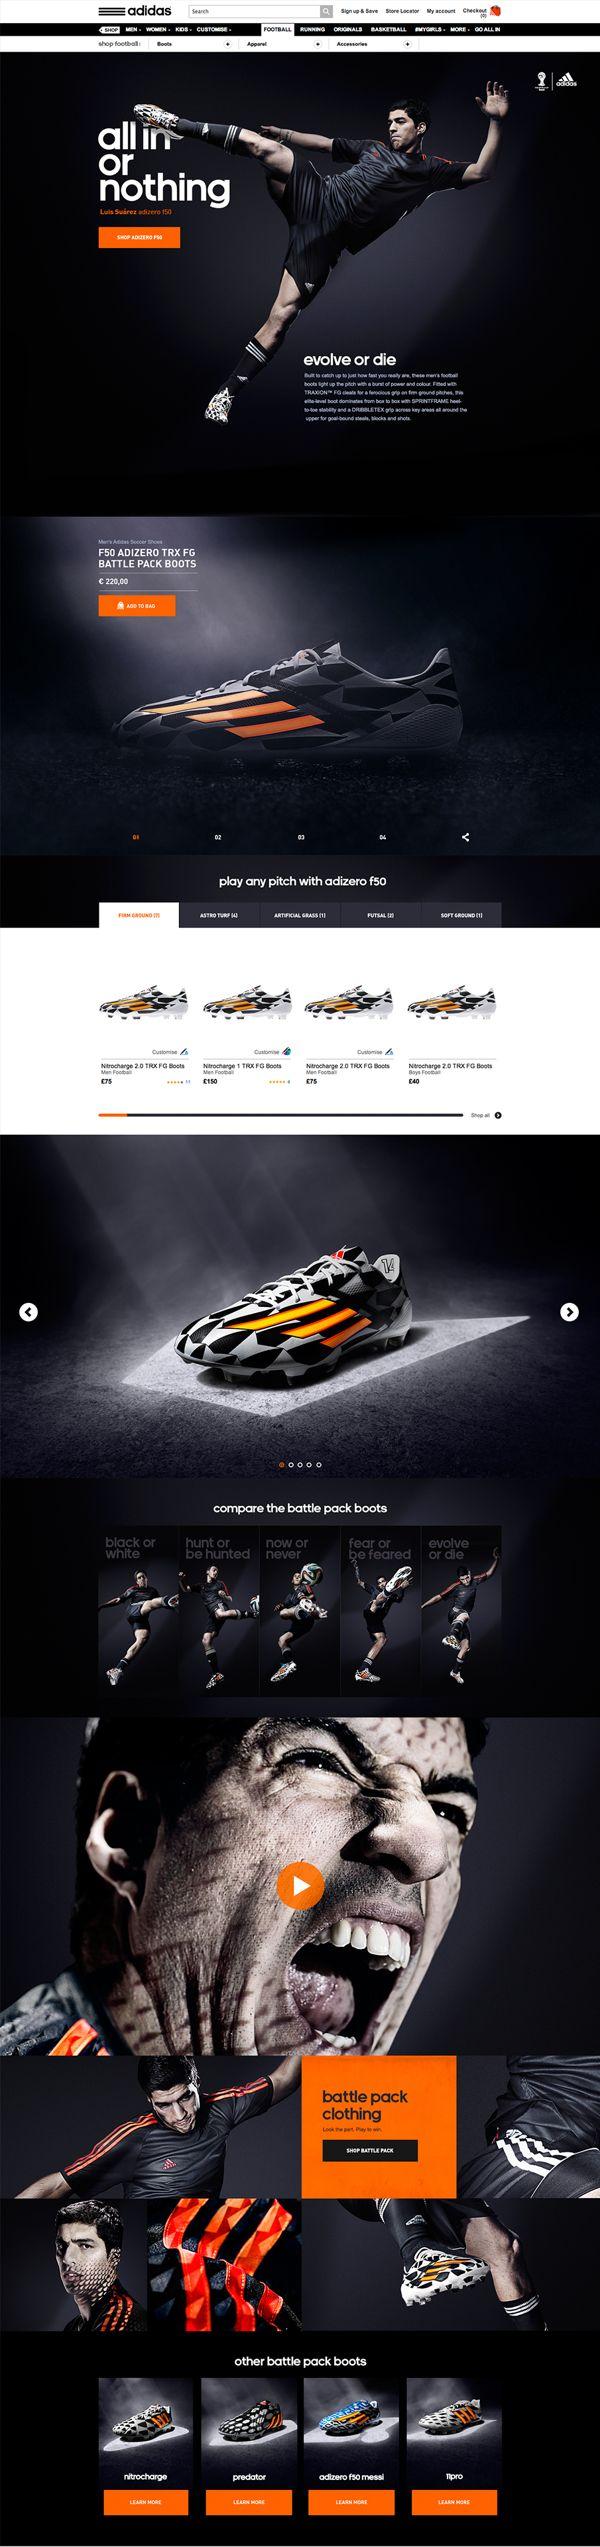 Cool Web Design, Adidas. #webdesign #webdevelopment [http://www.pinterest.com/alfredchong/]